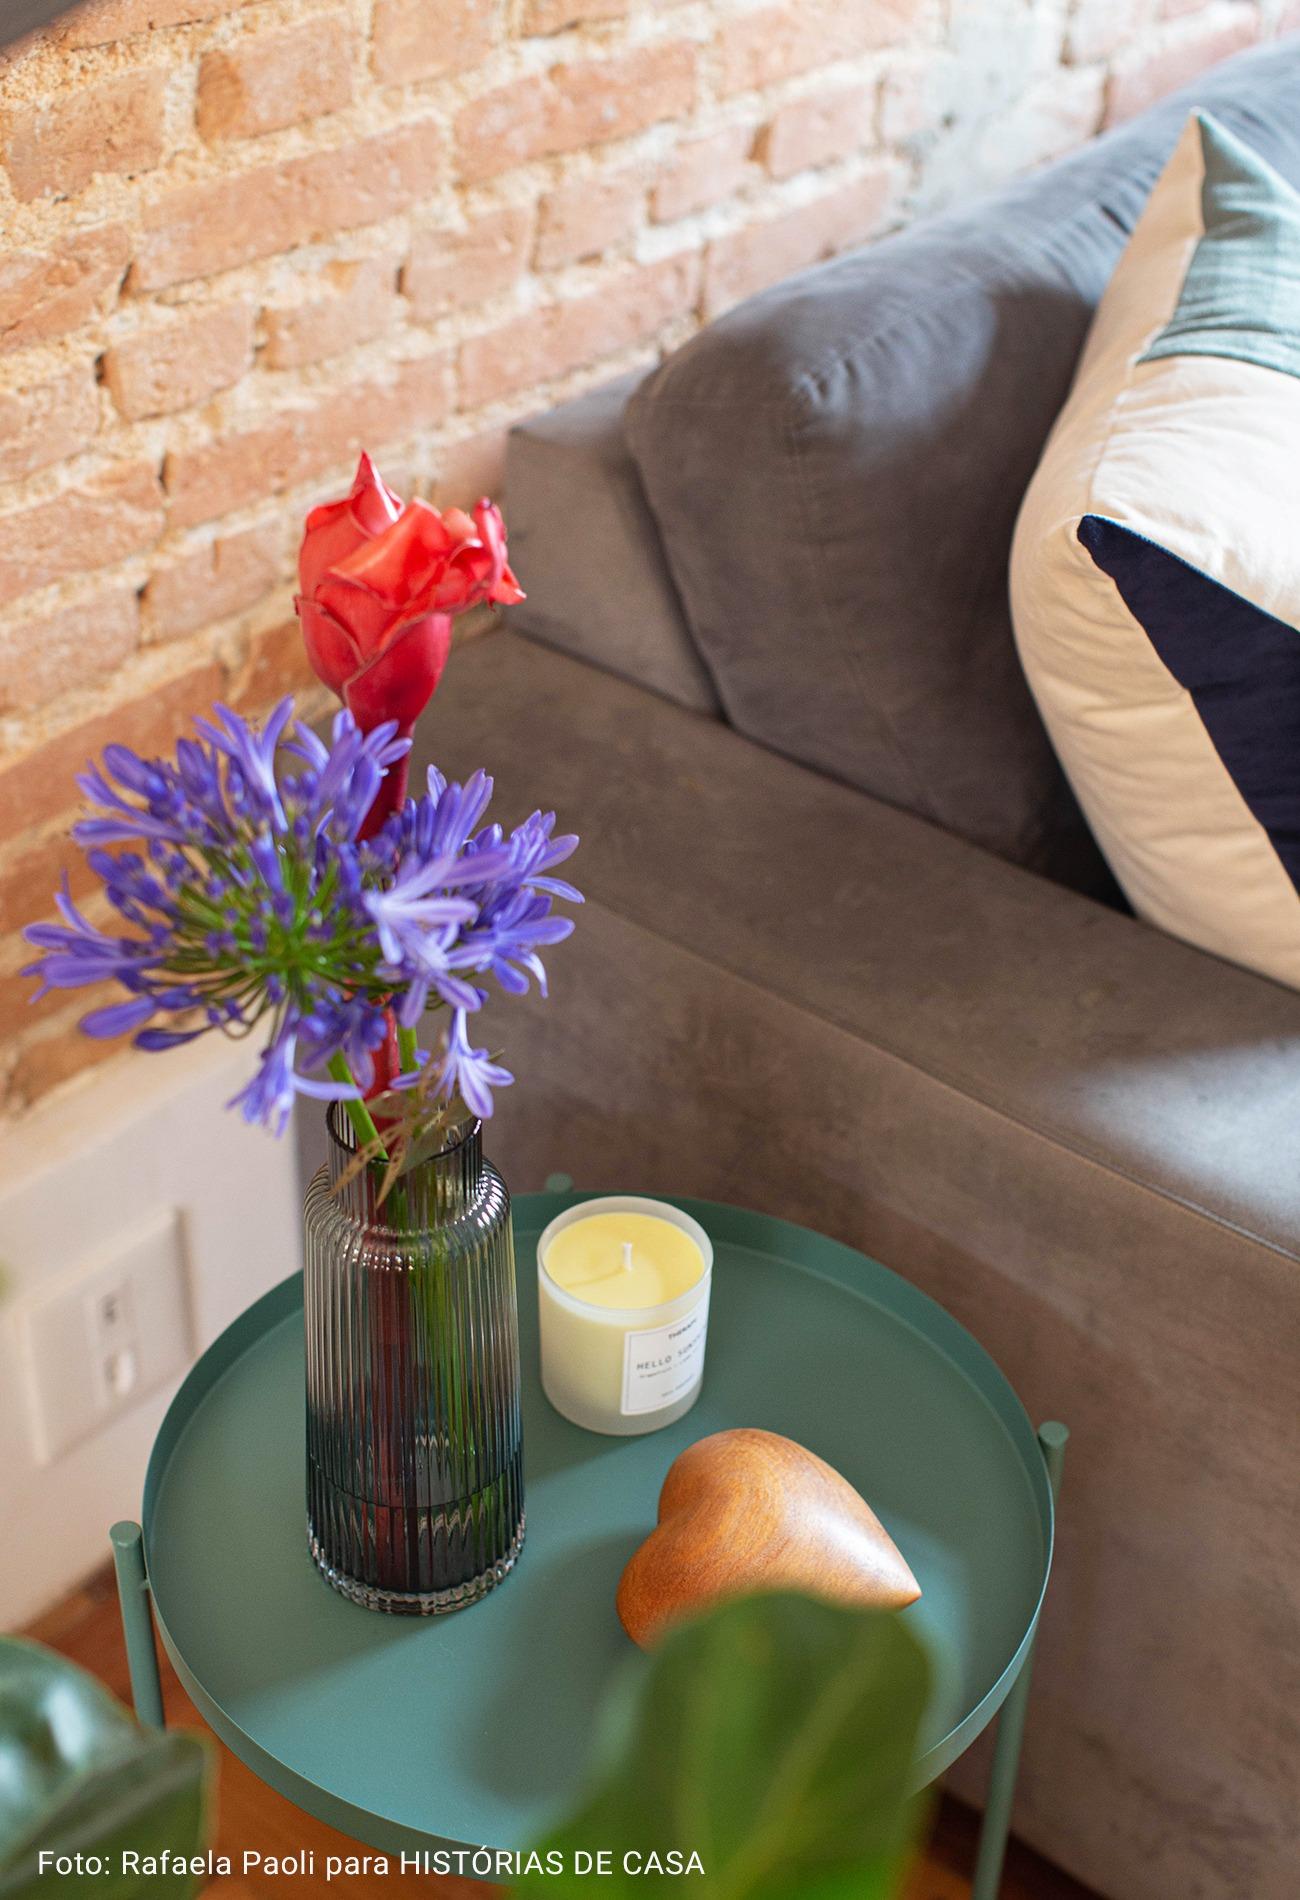 detalhe vaso de flores com vela